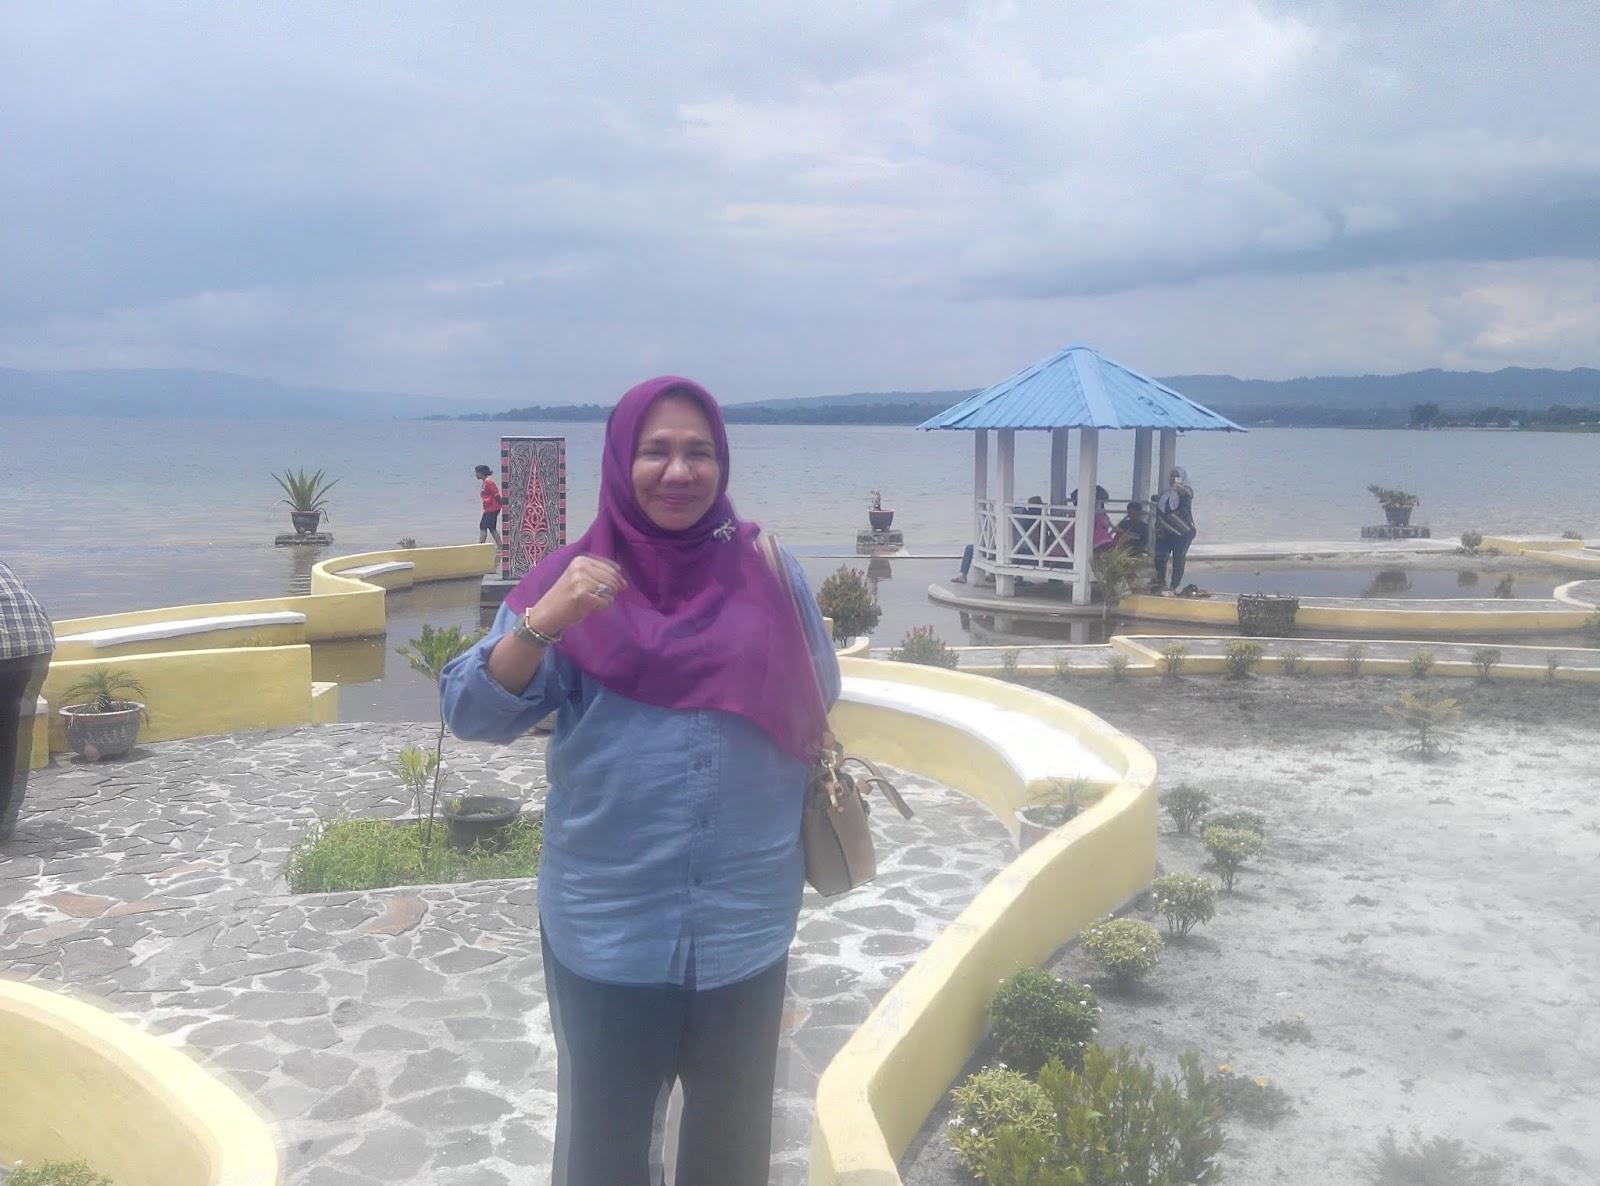 Provinsi Sumatera Utara Miliki Potensi Wisata Yang Luar Biasa